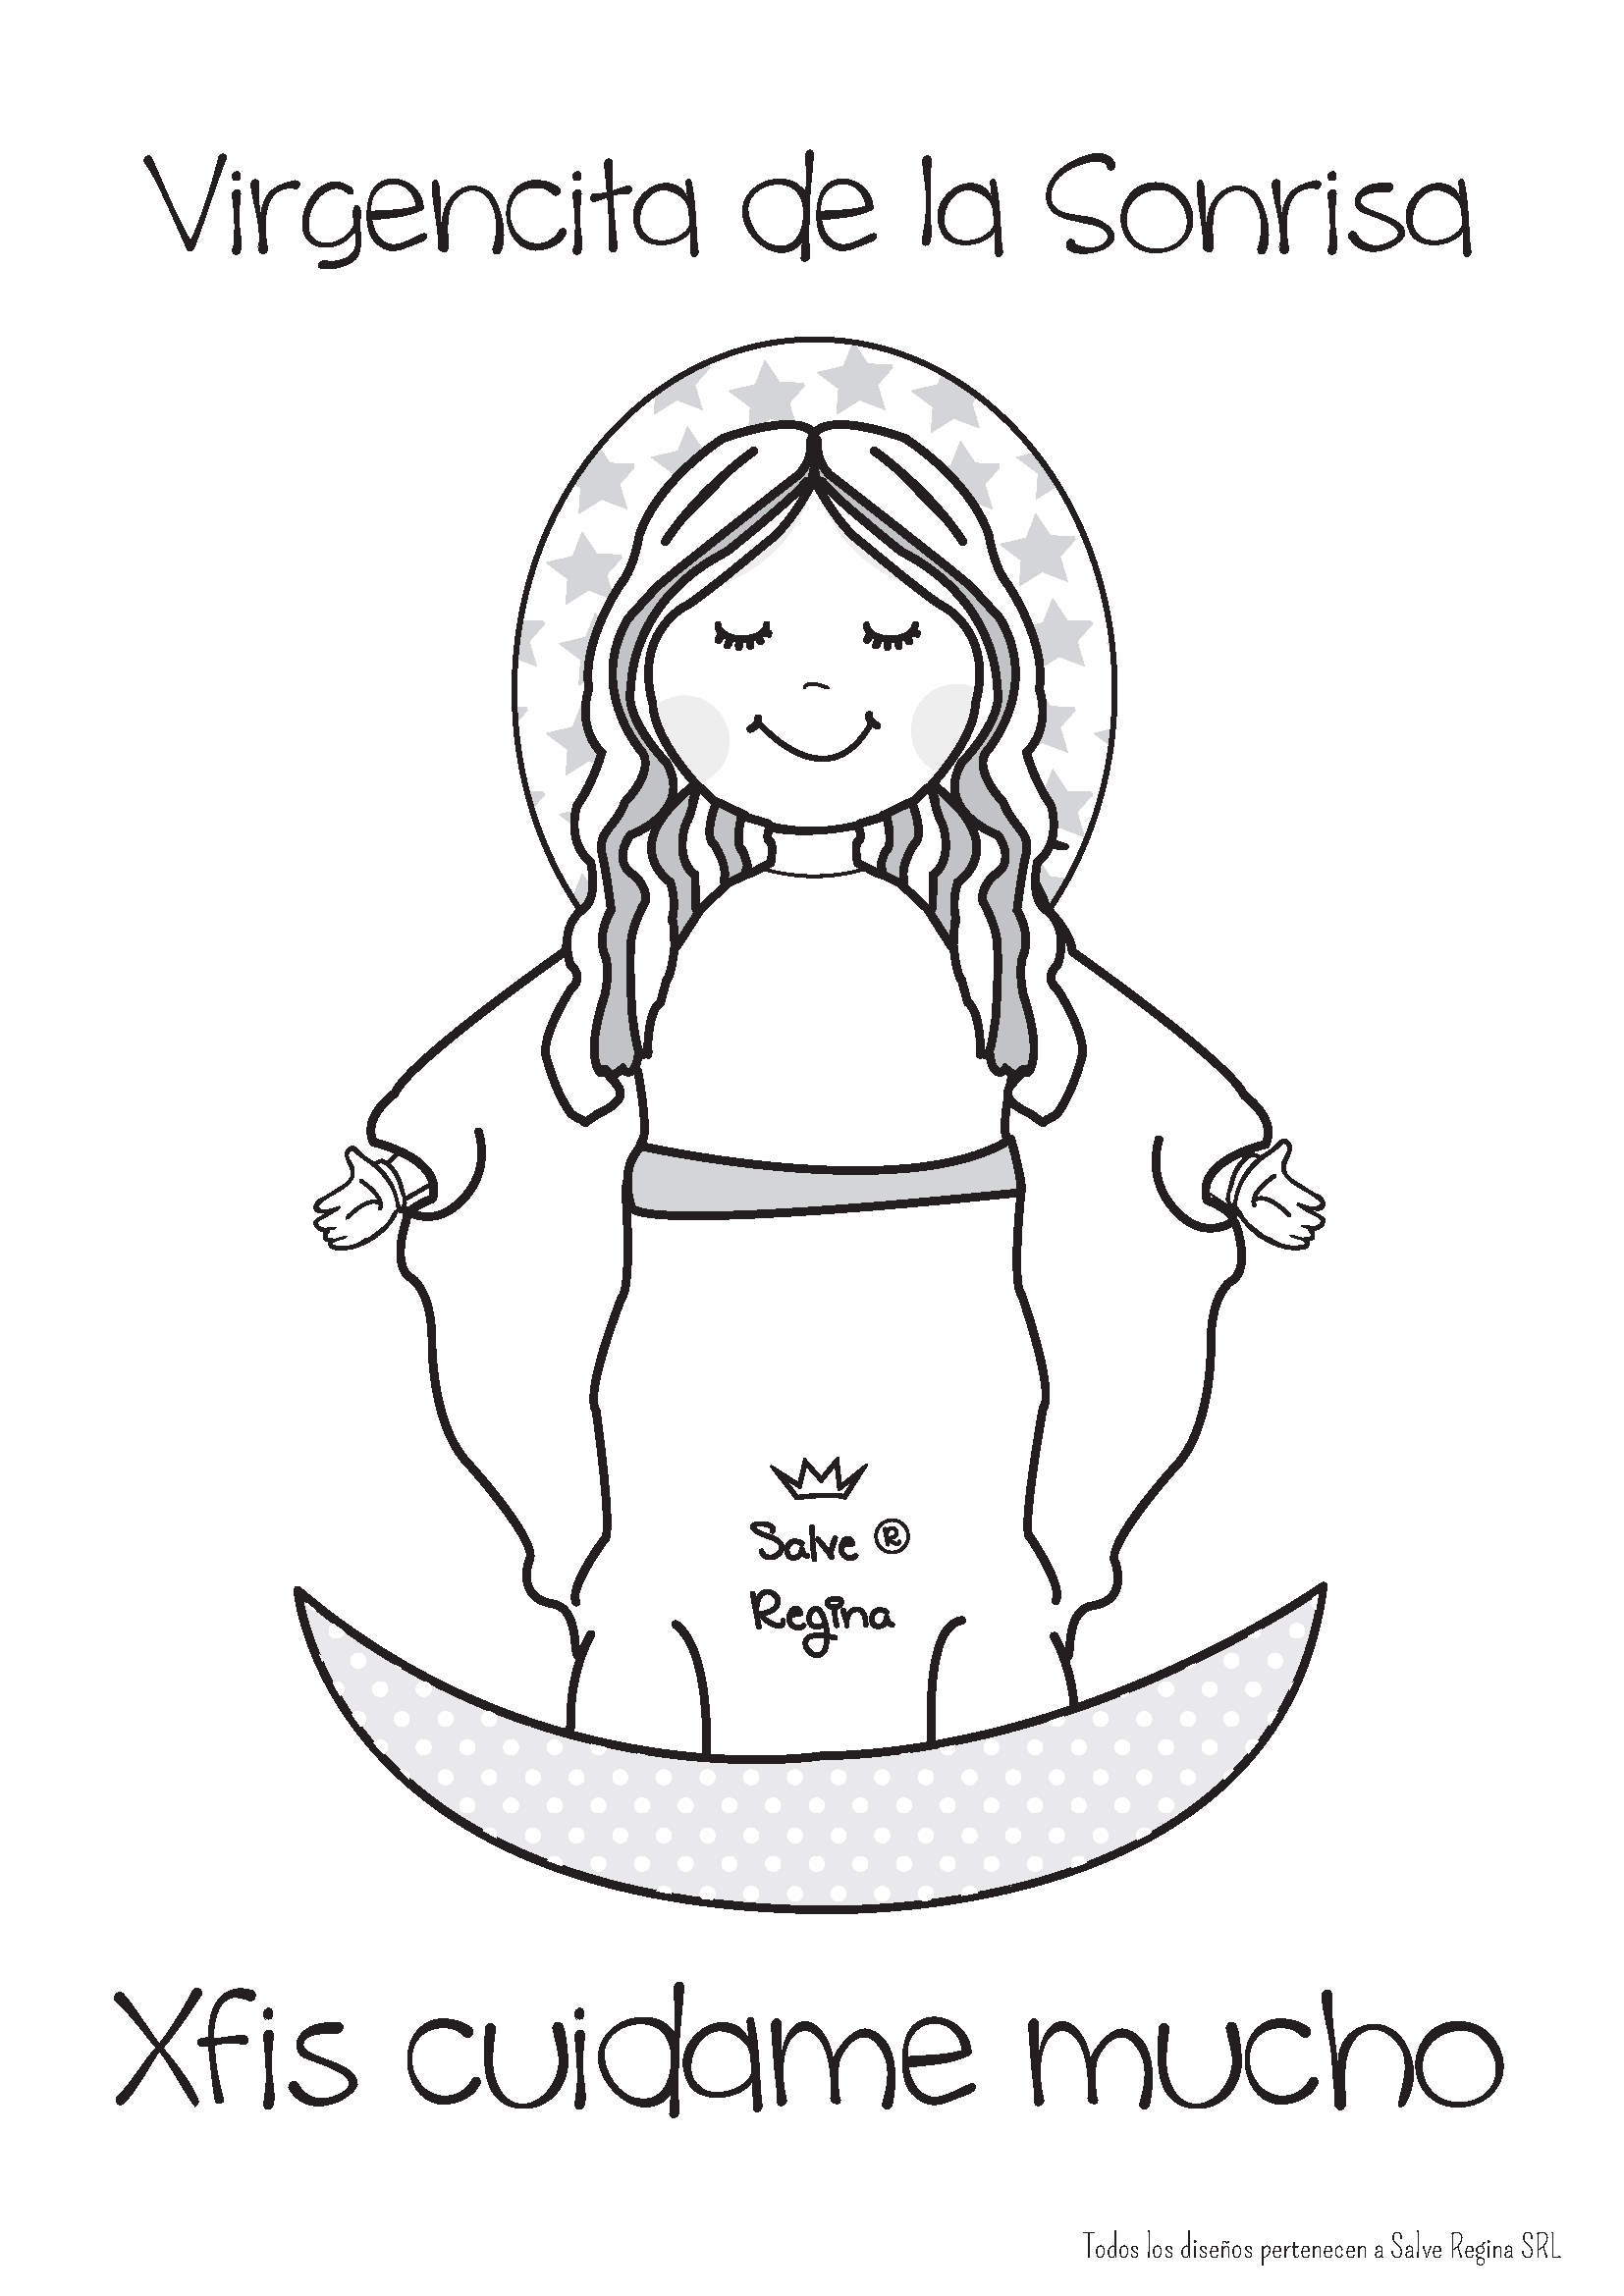 Resultado de imagen para virgen del carmen caricatura | Fe ...